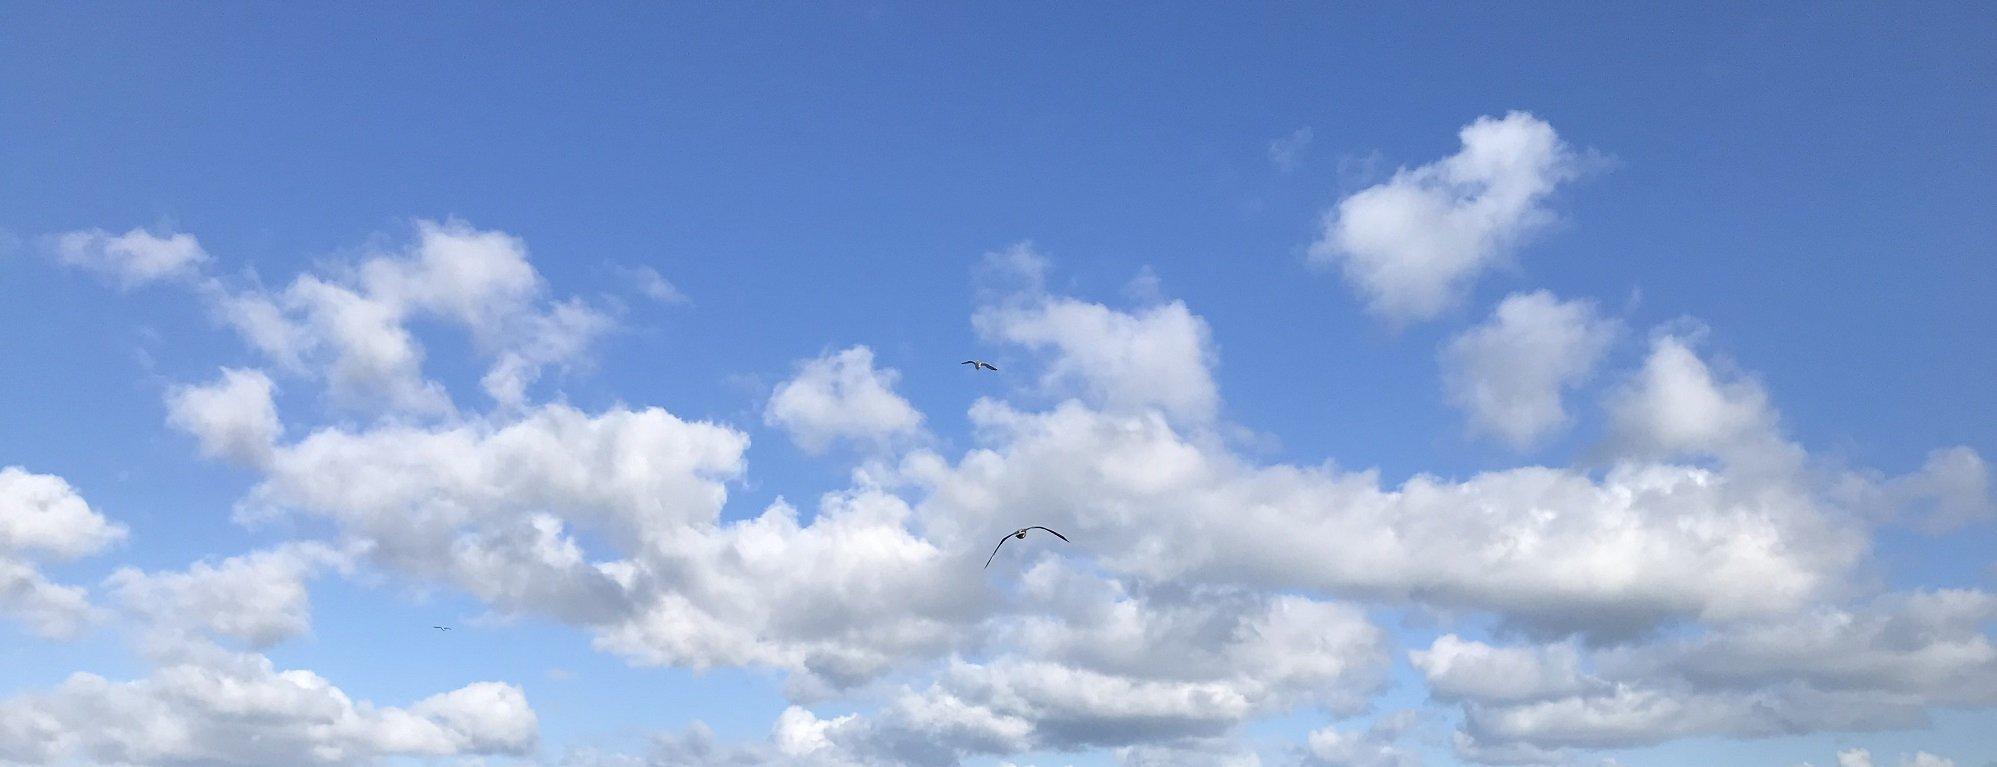 Kleine weiße Wolken vor strahlend blauem Himmel. in der MItte zwei Möwen.